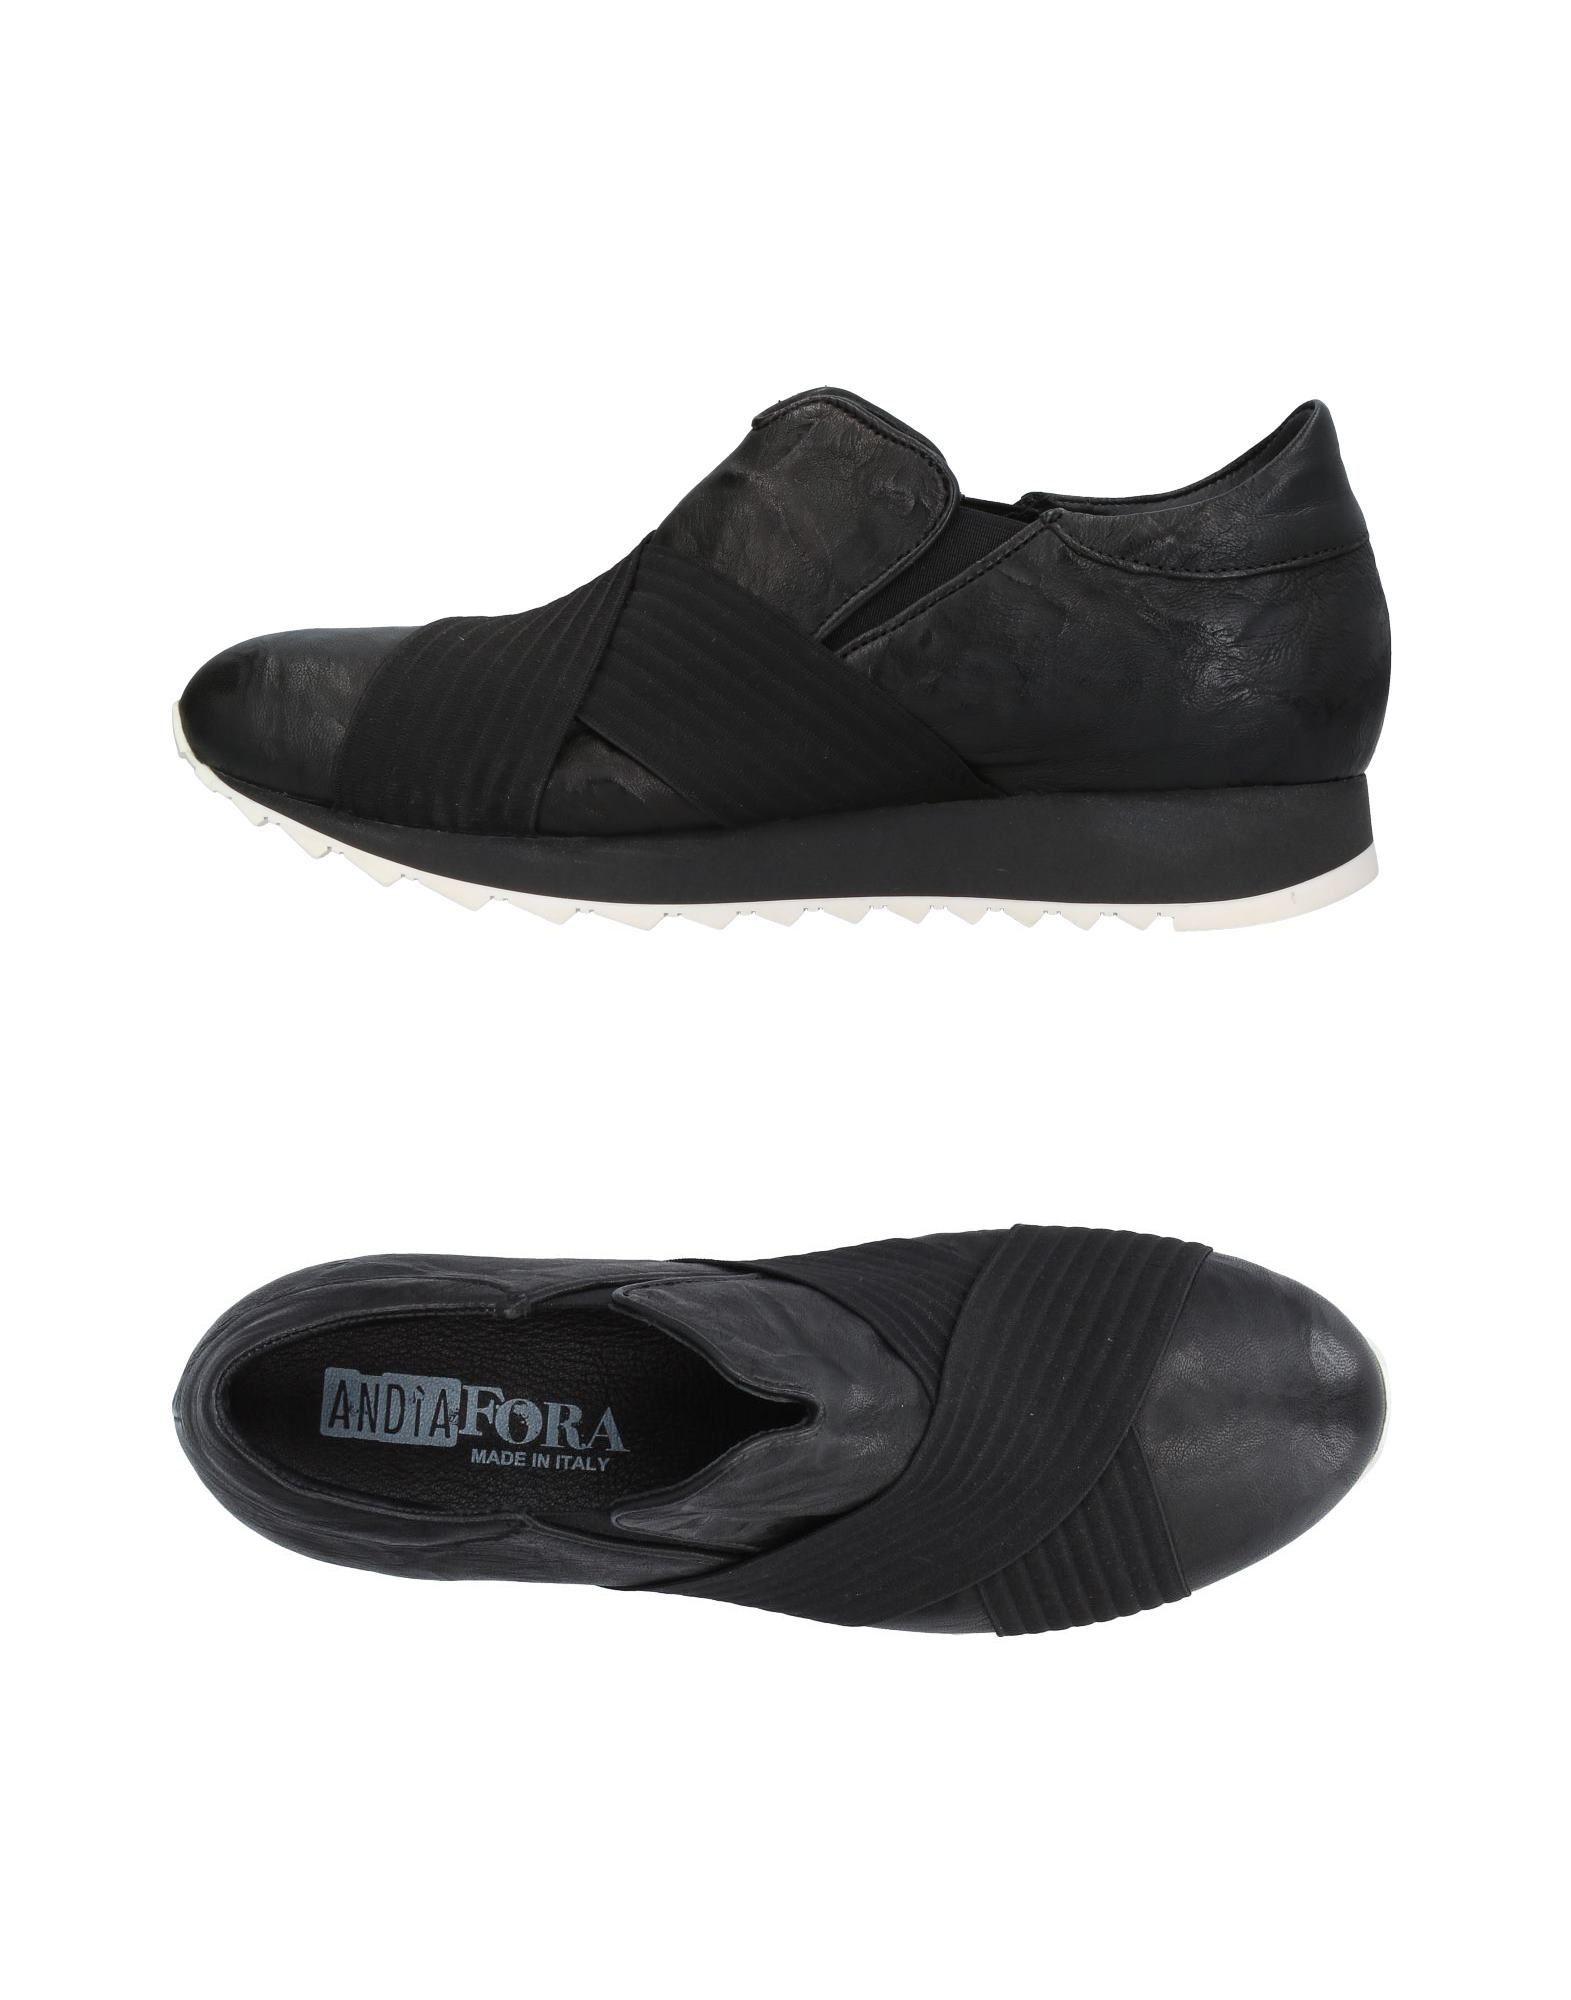 Rabatt echte Schuhe Andìa Fora Turnschuhes Herren 11368921QO